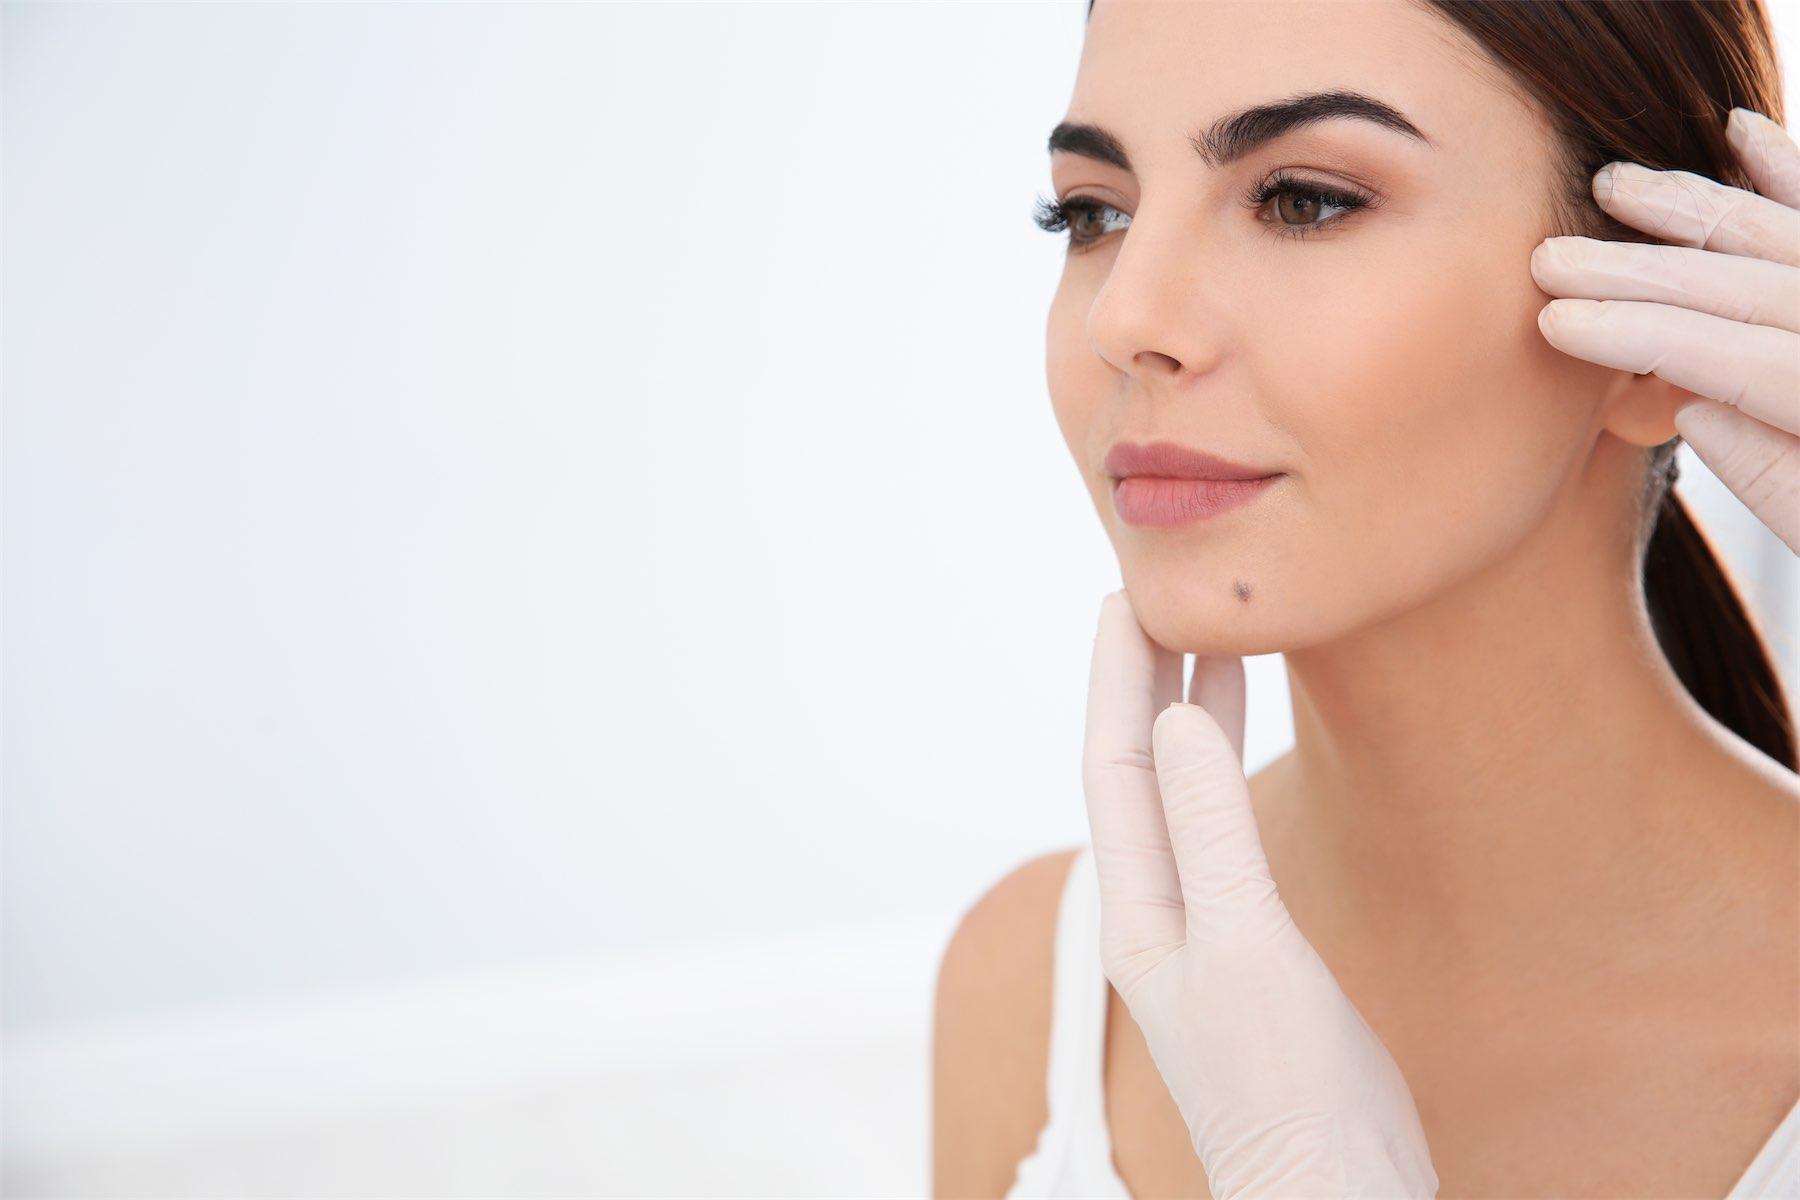 Dermatologia Mola di bari Dn medica